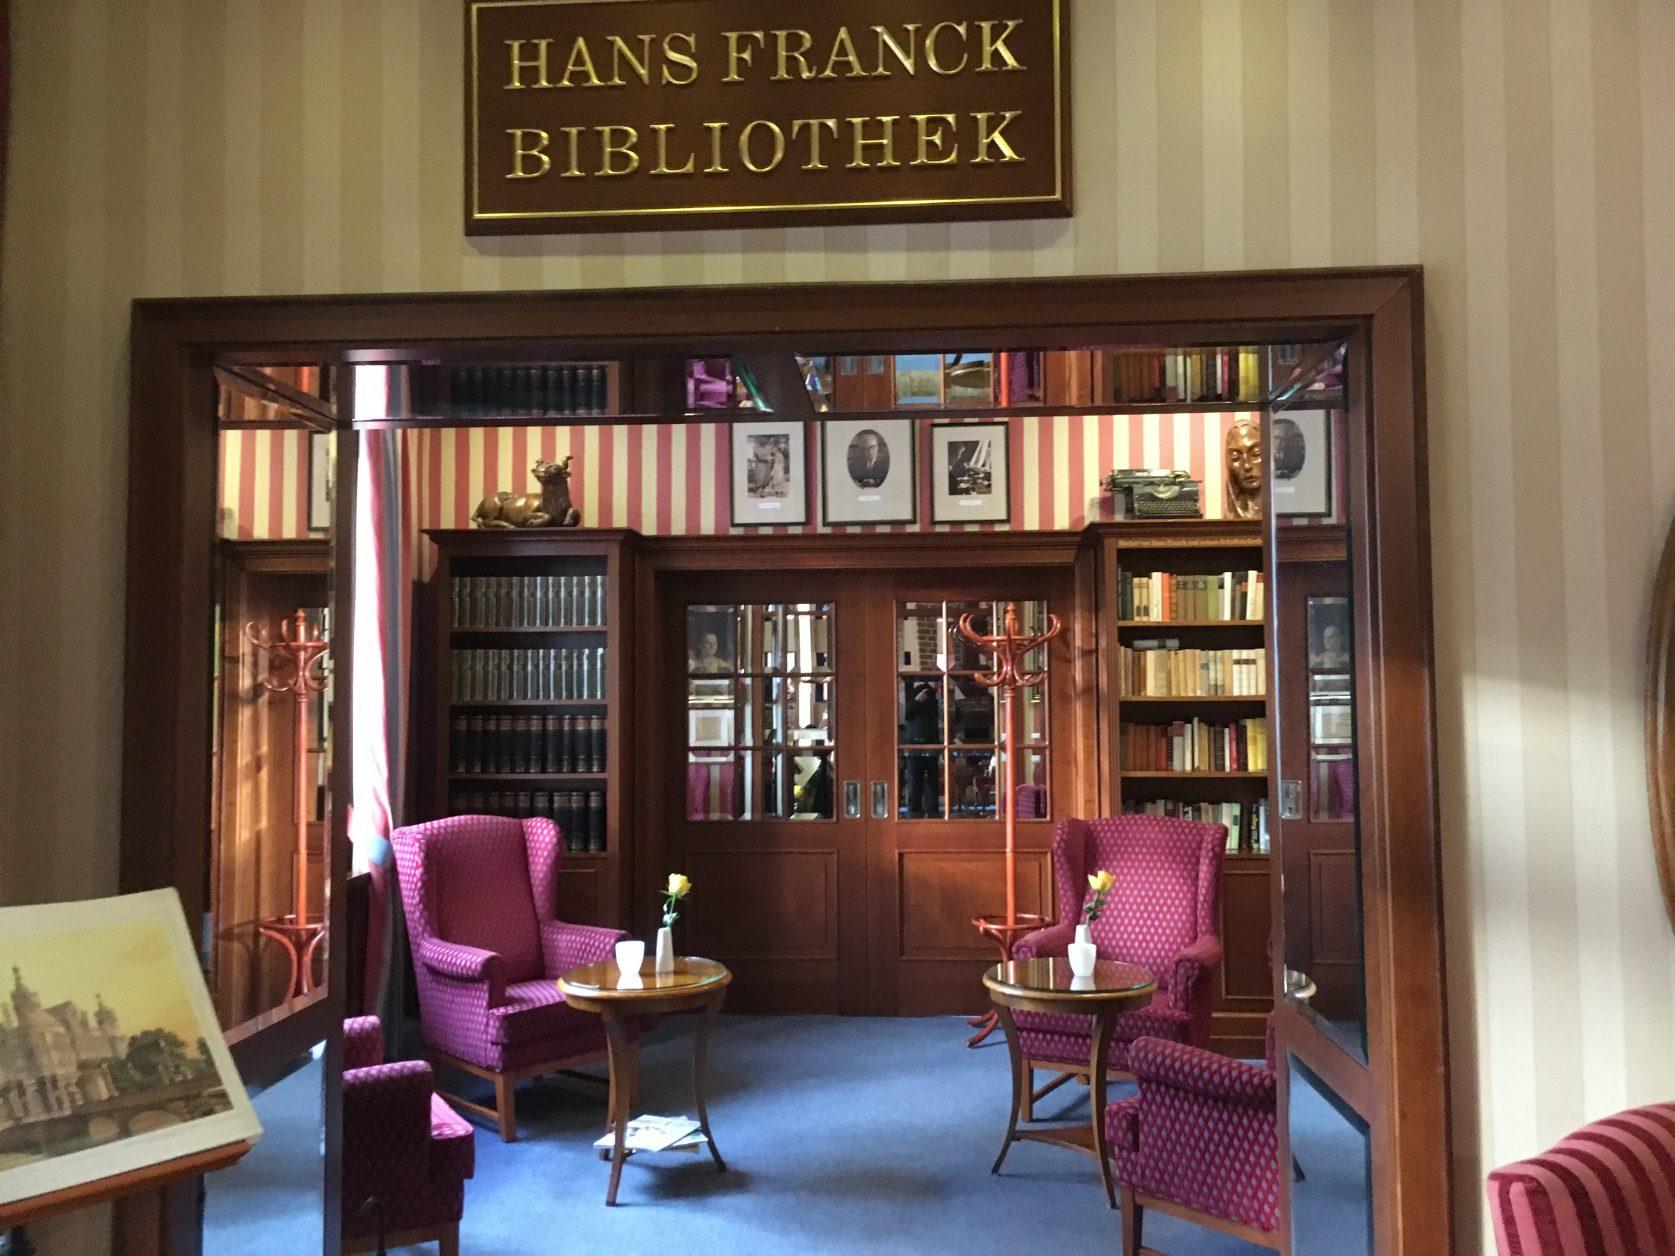 Blick in die Hans-Franck-Bibliothek, Foto: Weirauch